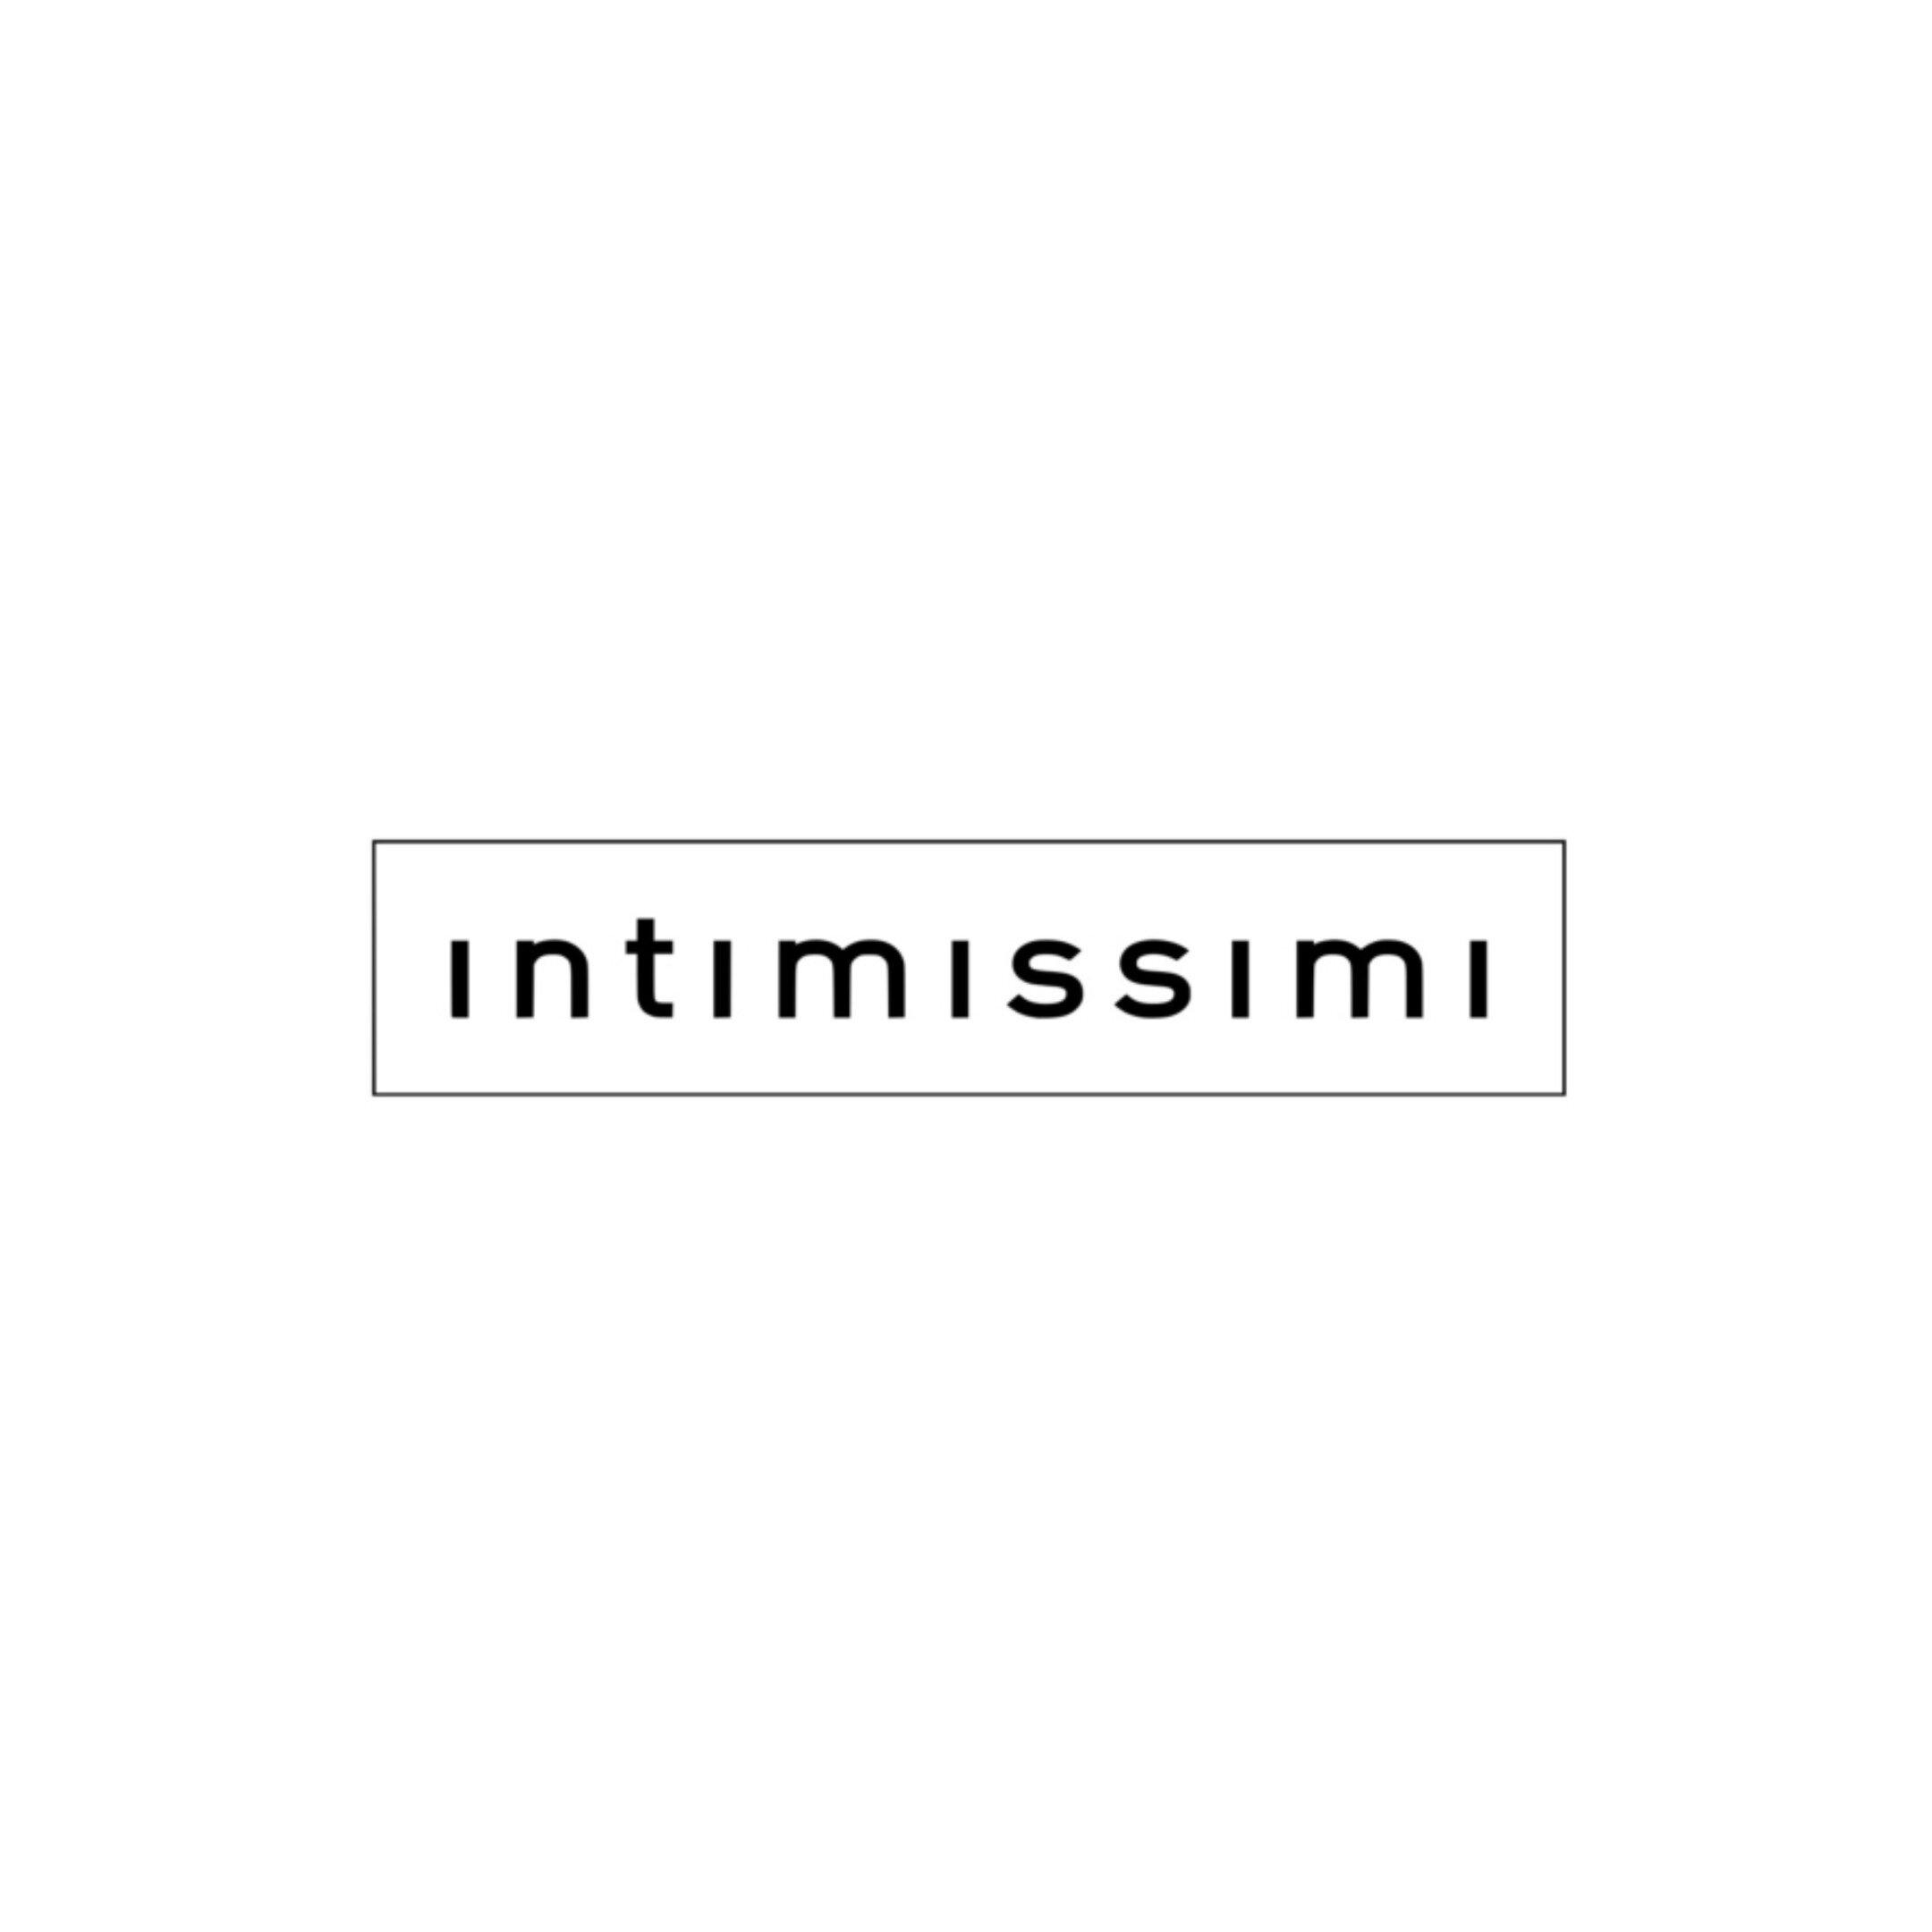 INTIMISSIMI